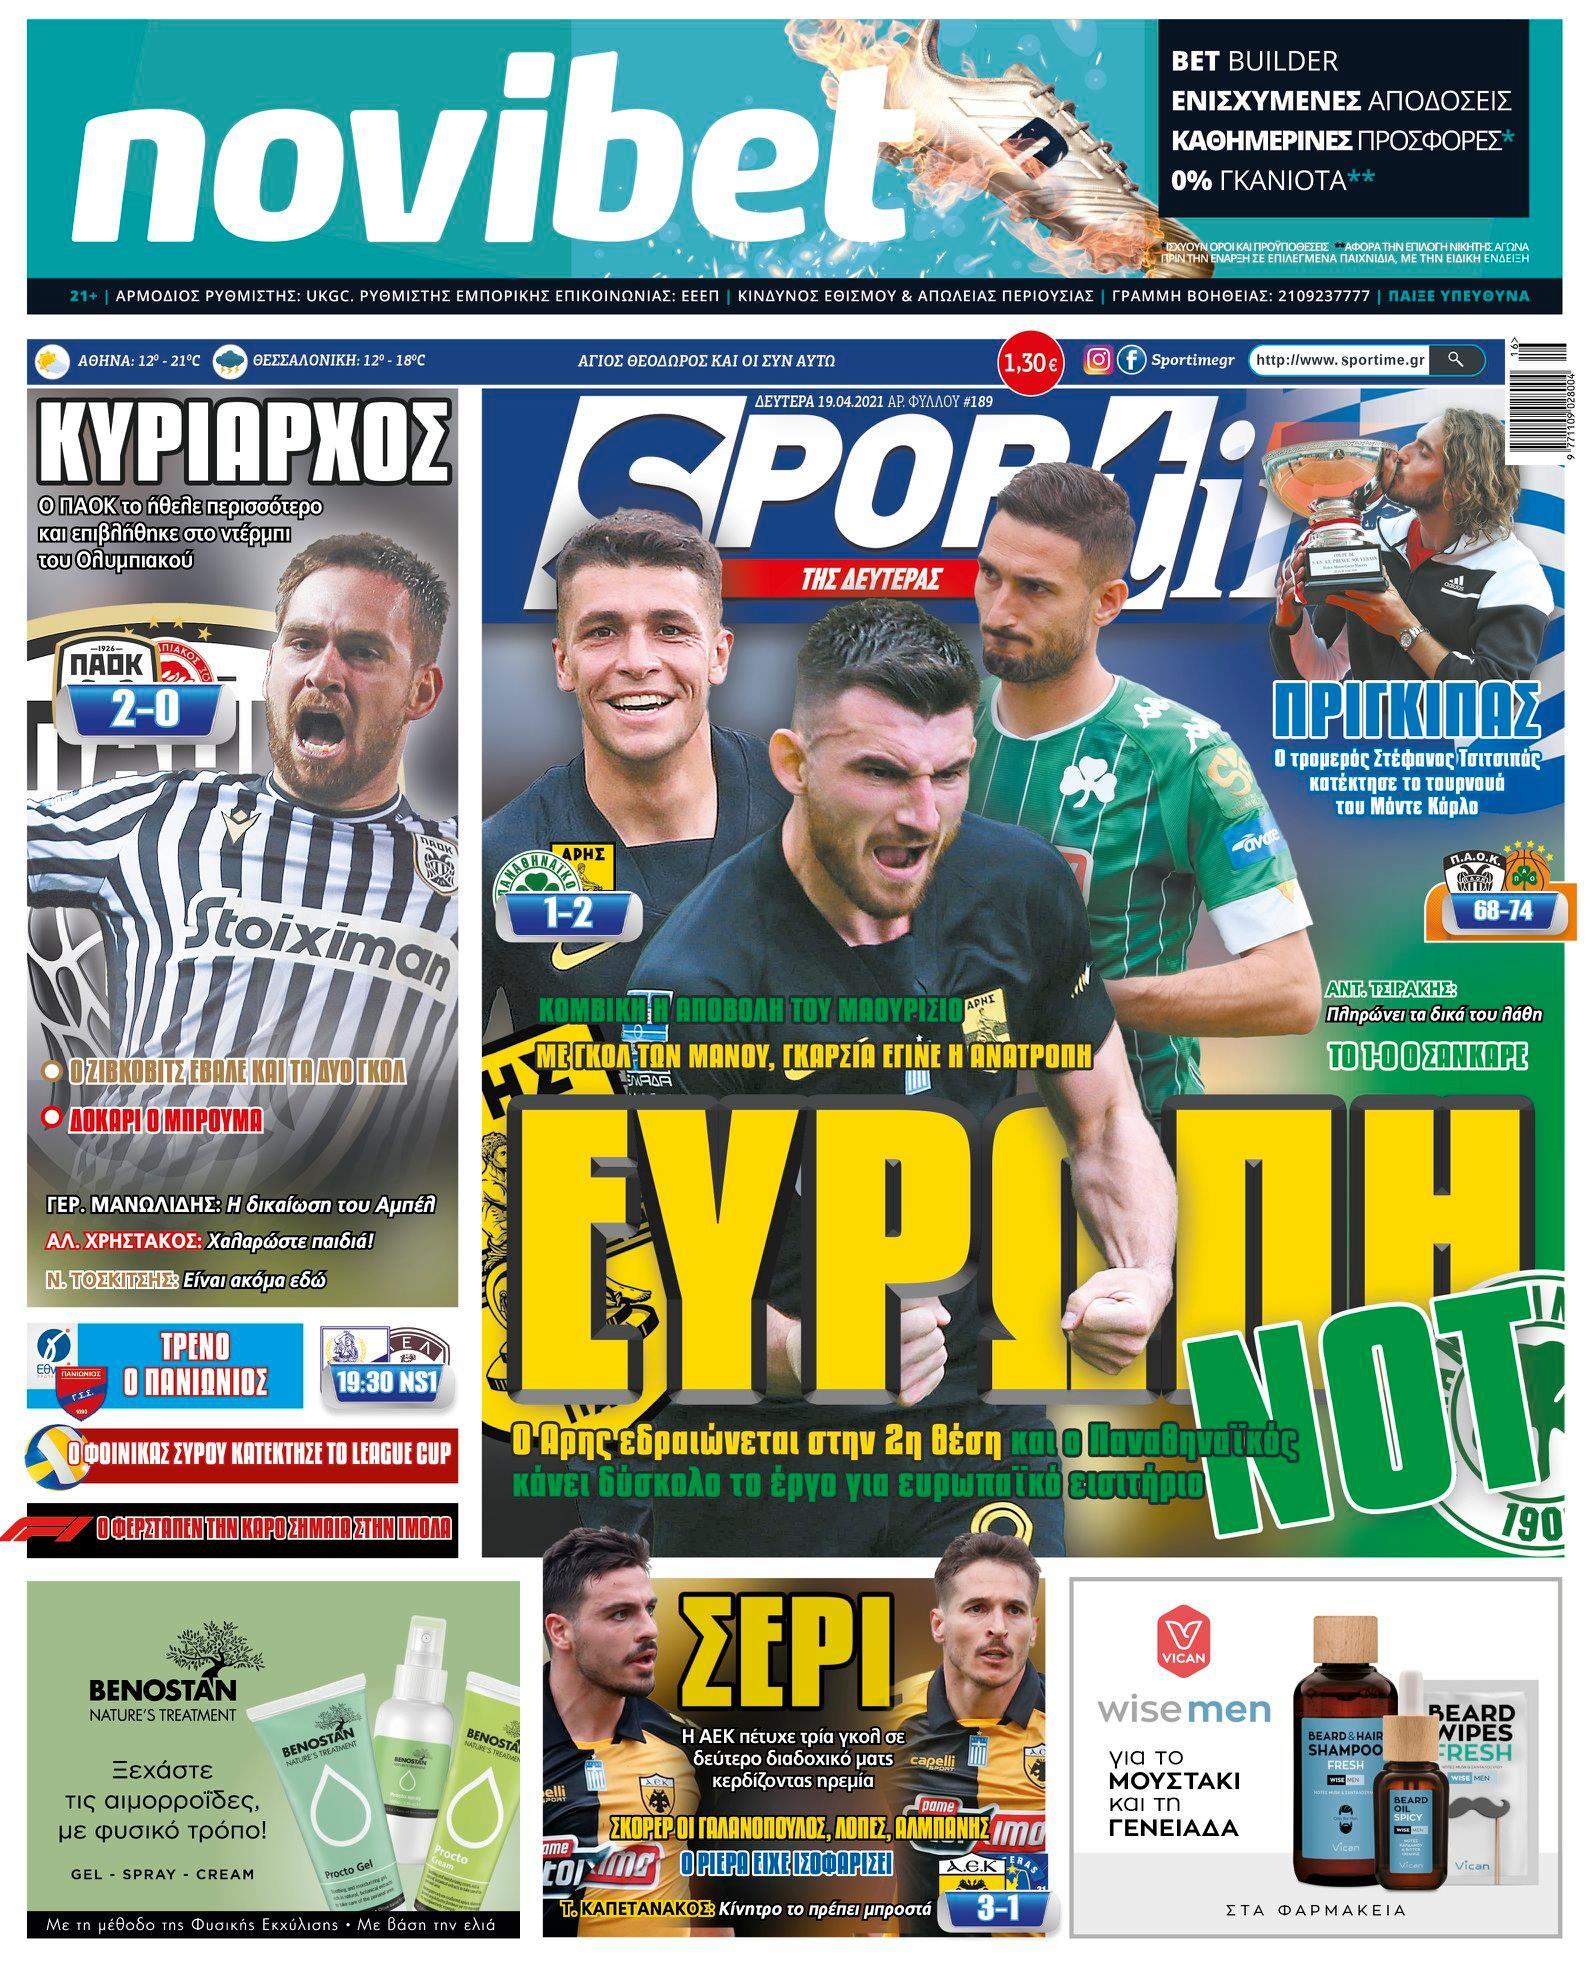 Εφημερίδα SPORTIME - Εξώφυλλο φύλλου 19/4/2021